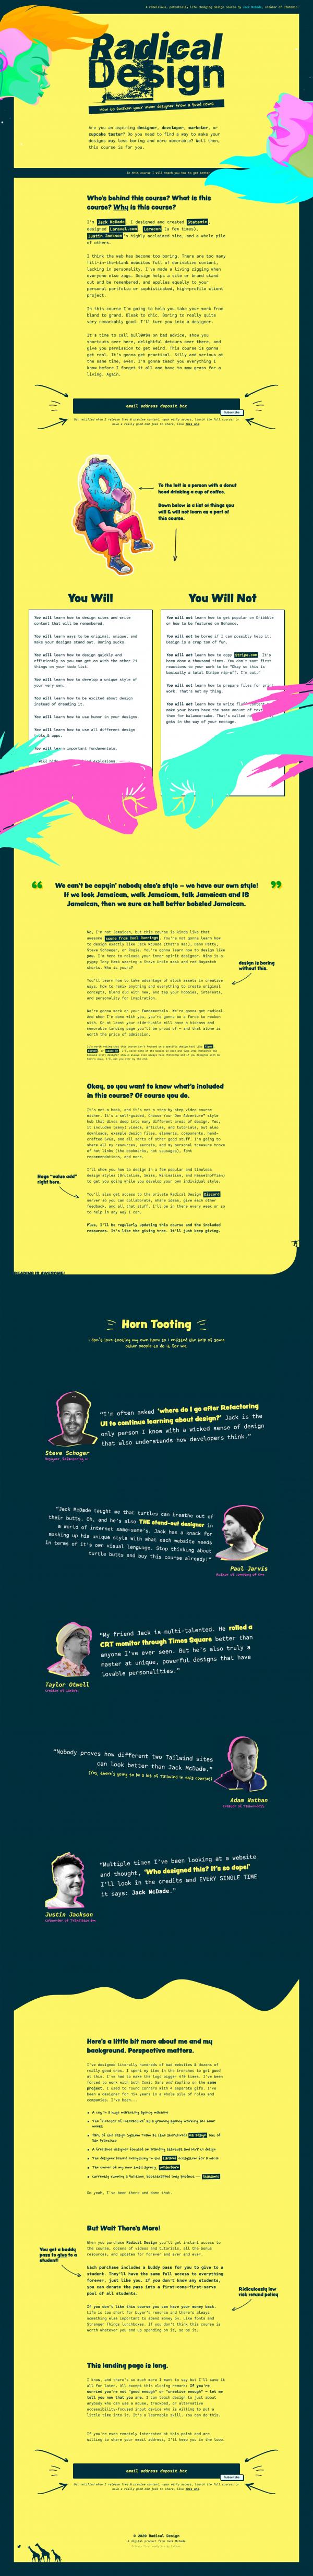 Website Inspiration: Radical Design